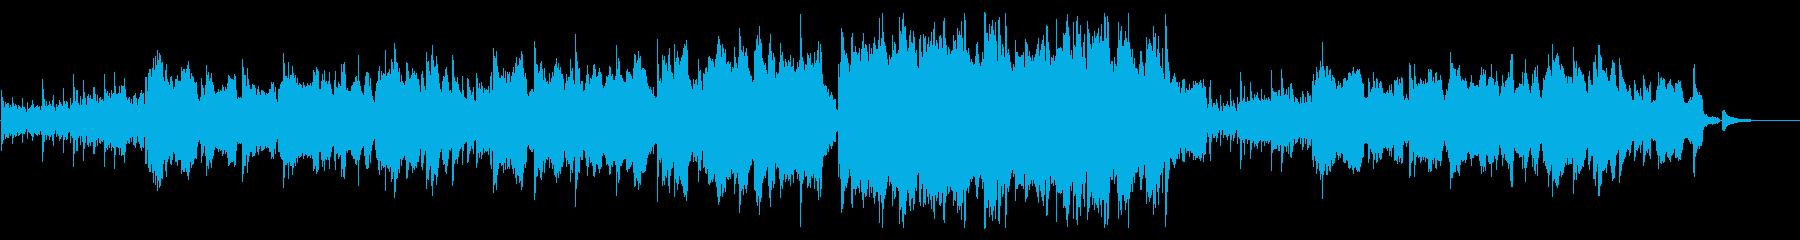 バイオリン 感動的・バラードの再生済みの波形